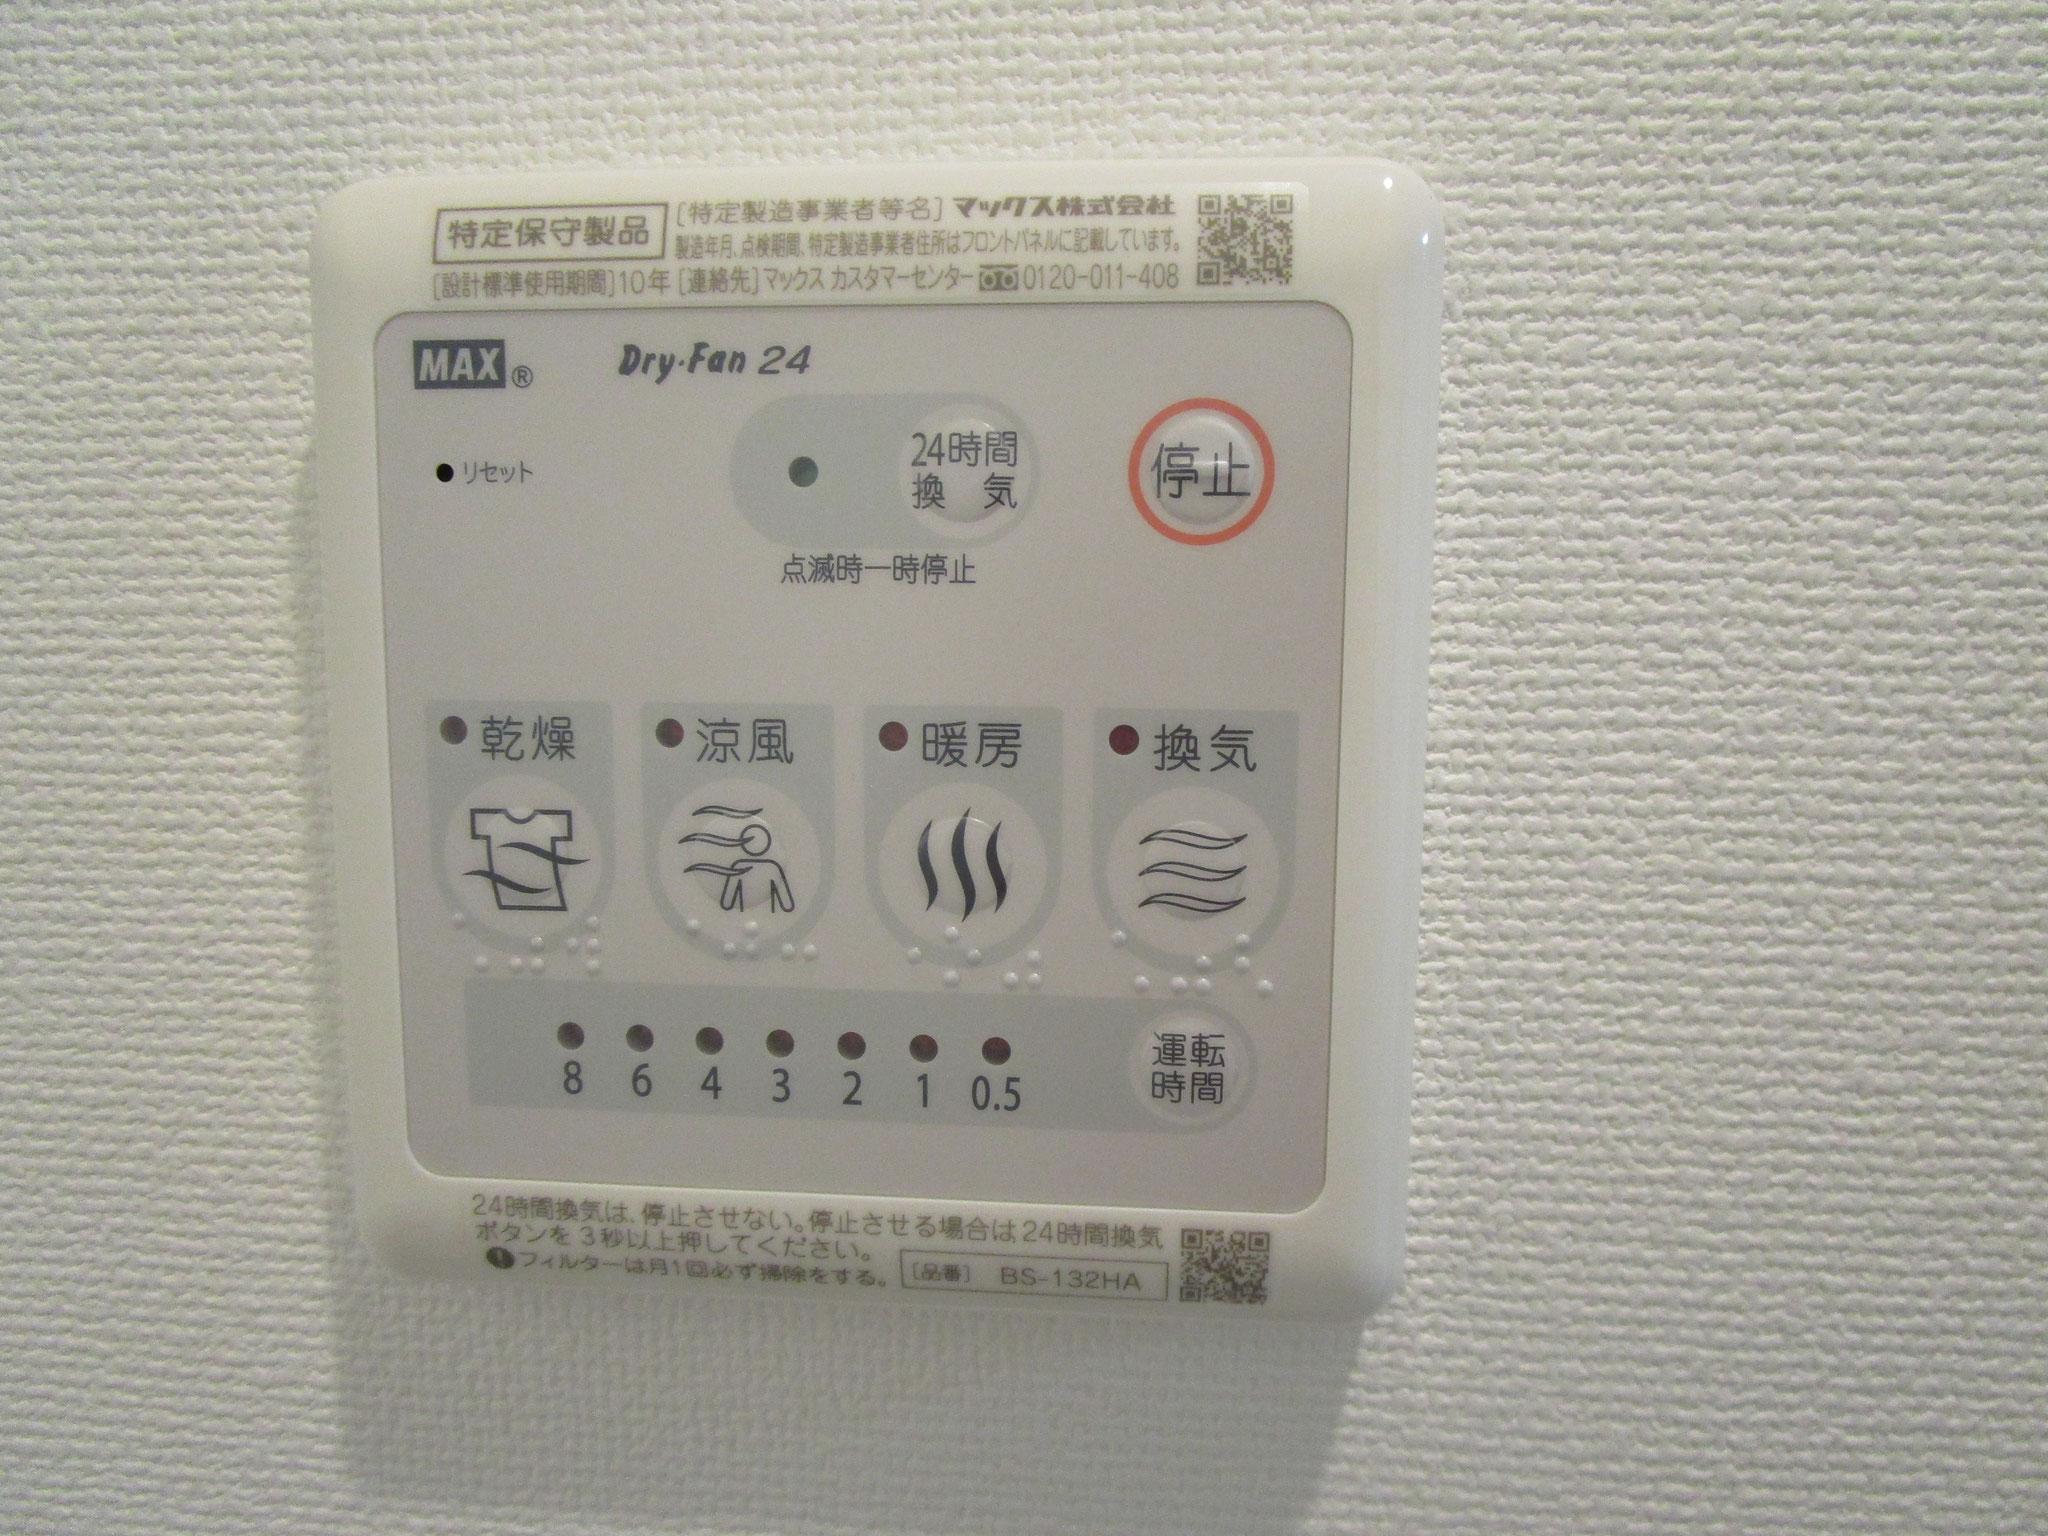 浴室暖房・換気・乾燥機(24時間換気乾燥機付き)